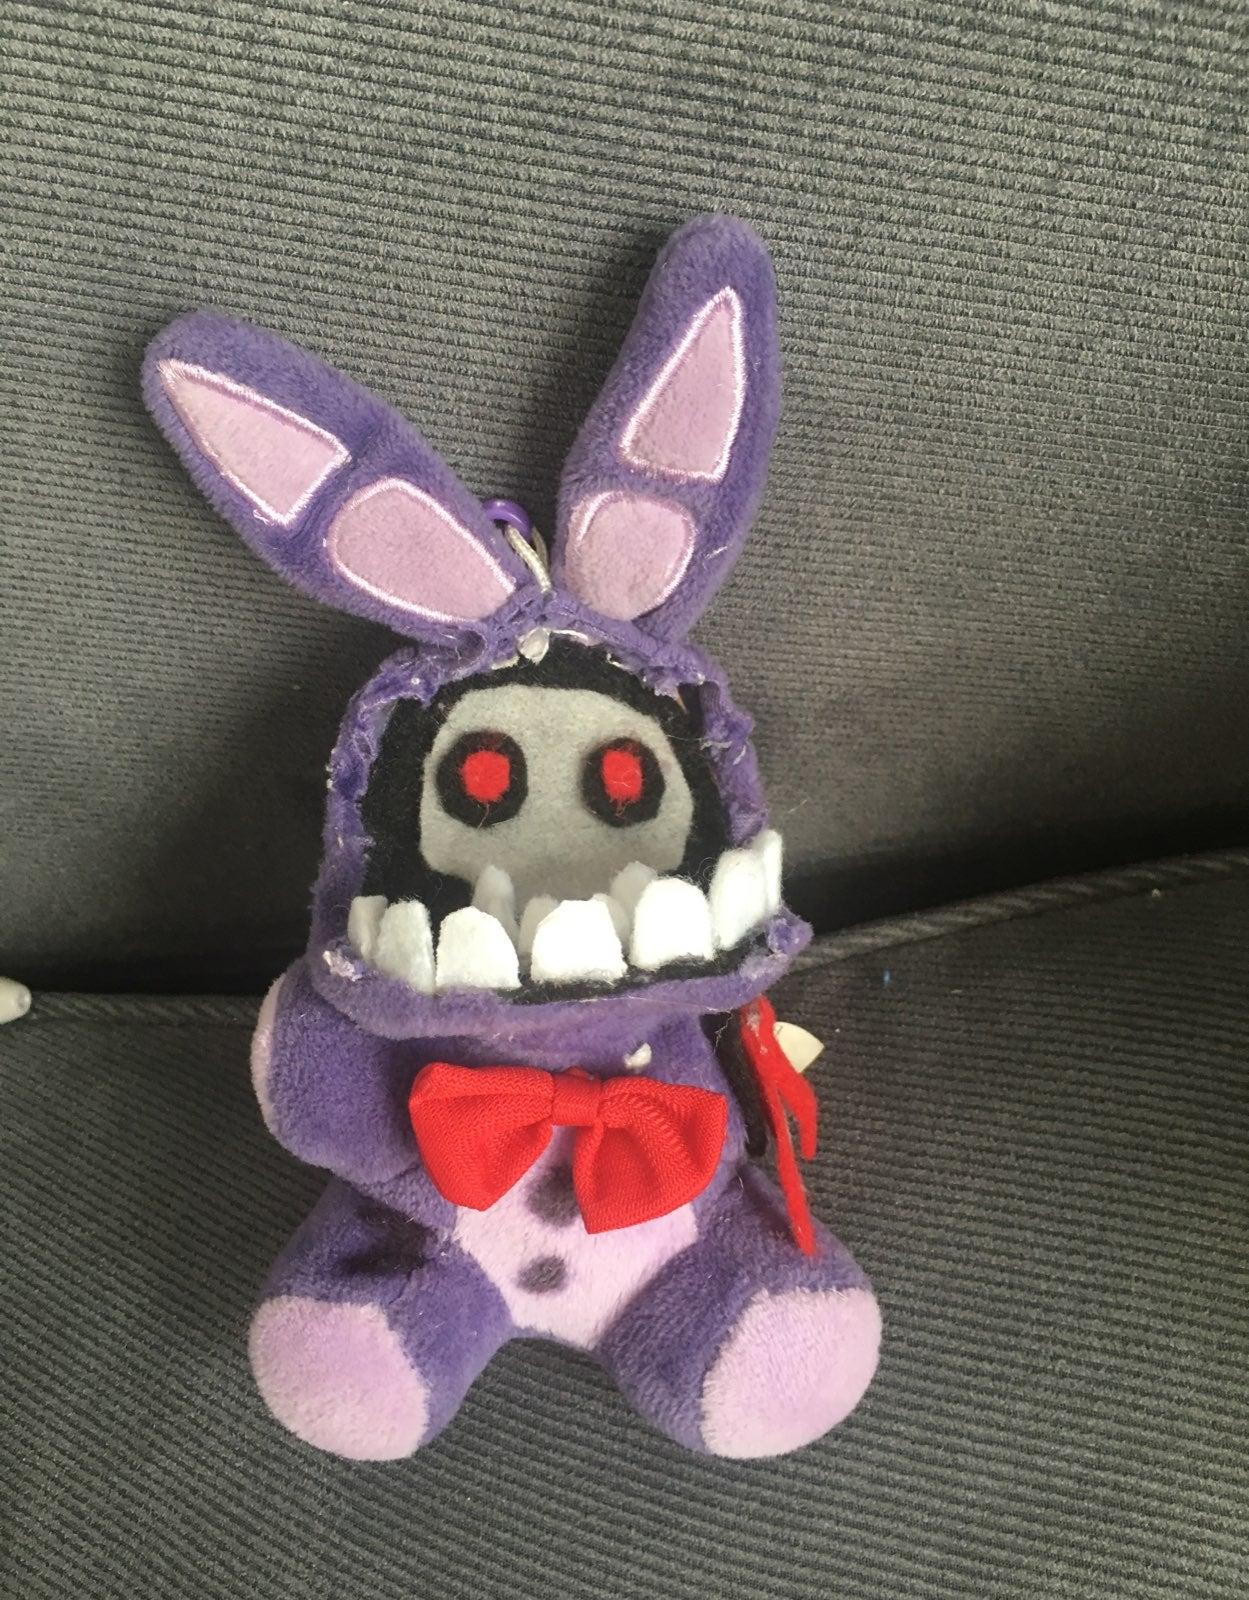 FNAF Plush Withered Bonnie Custom